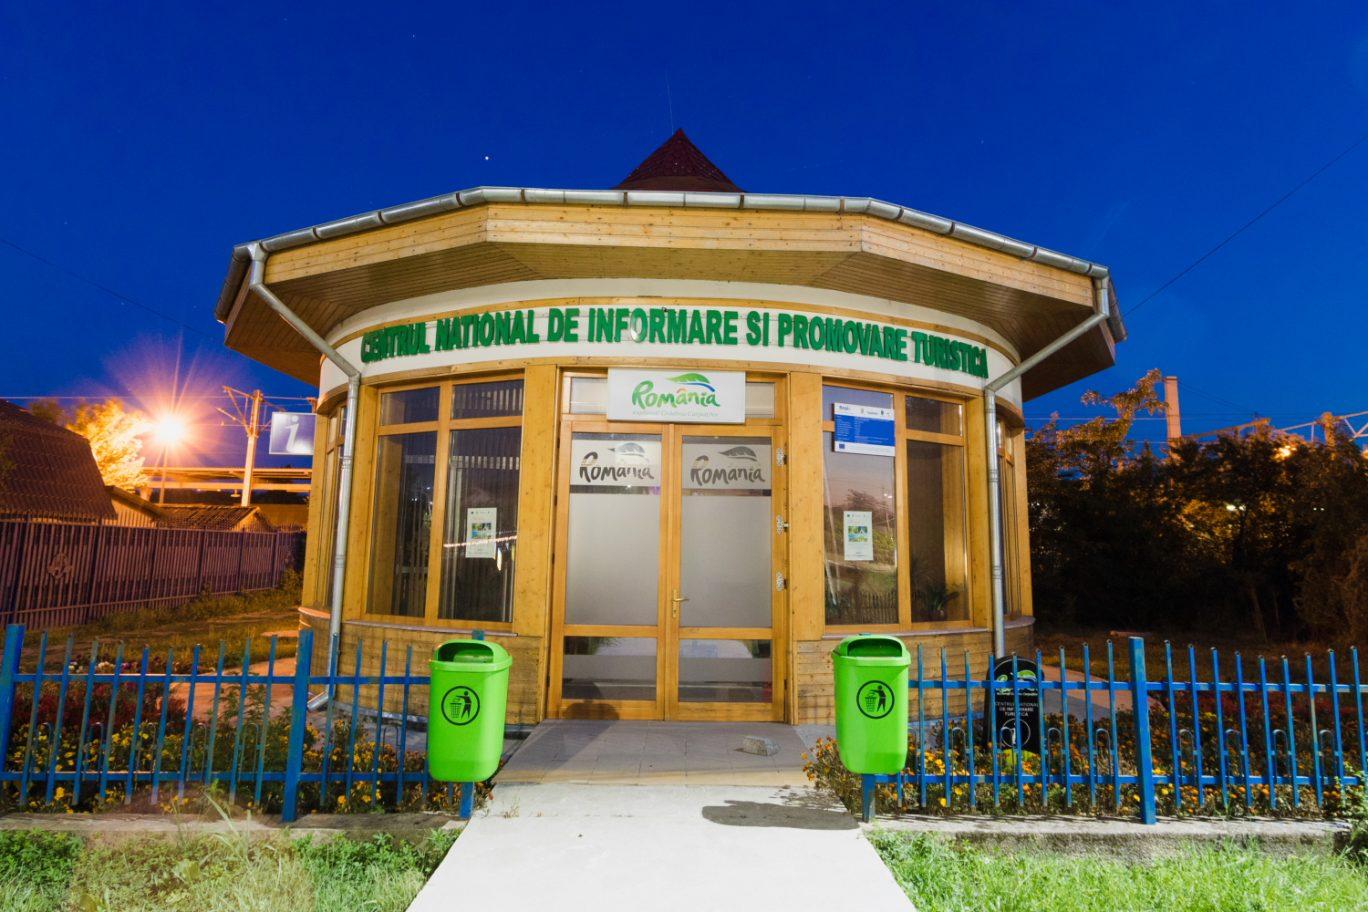 Националния център за туристическо информиране и популяризиране